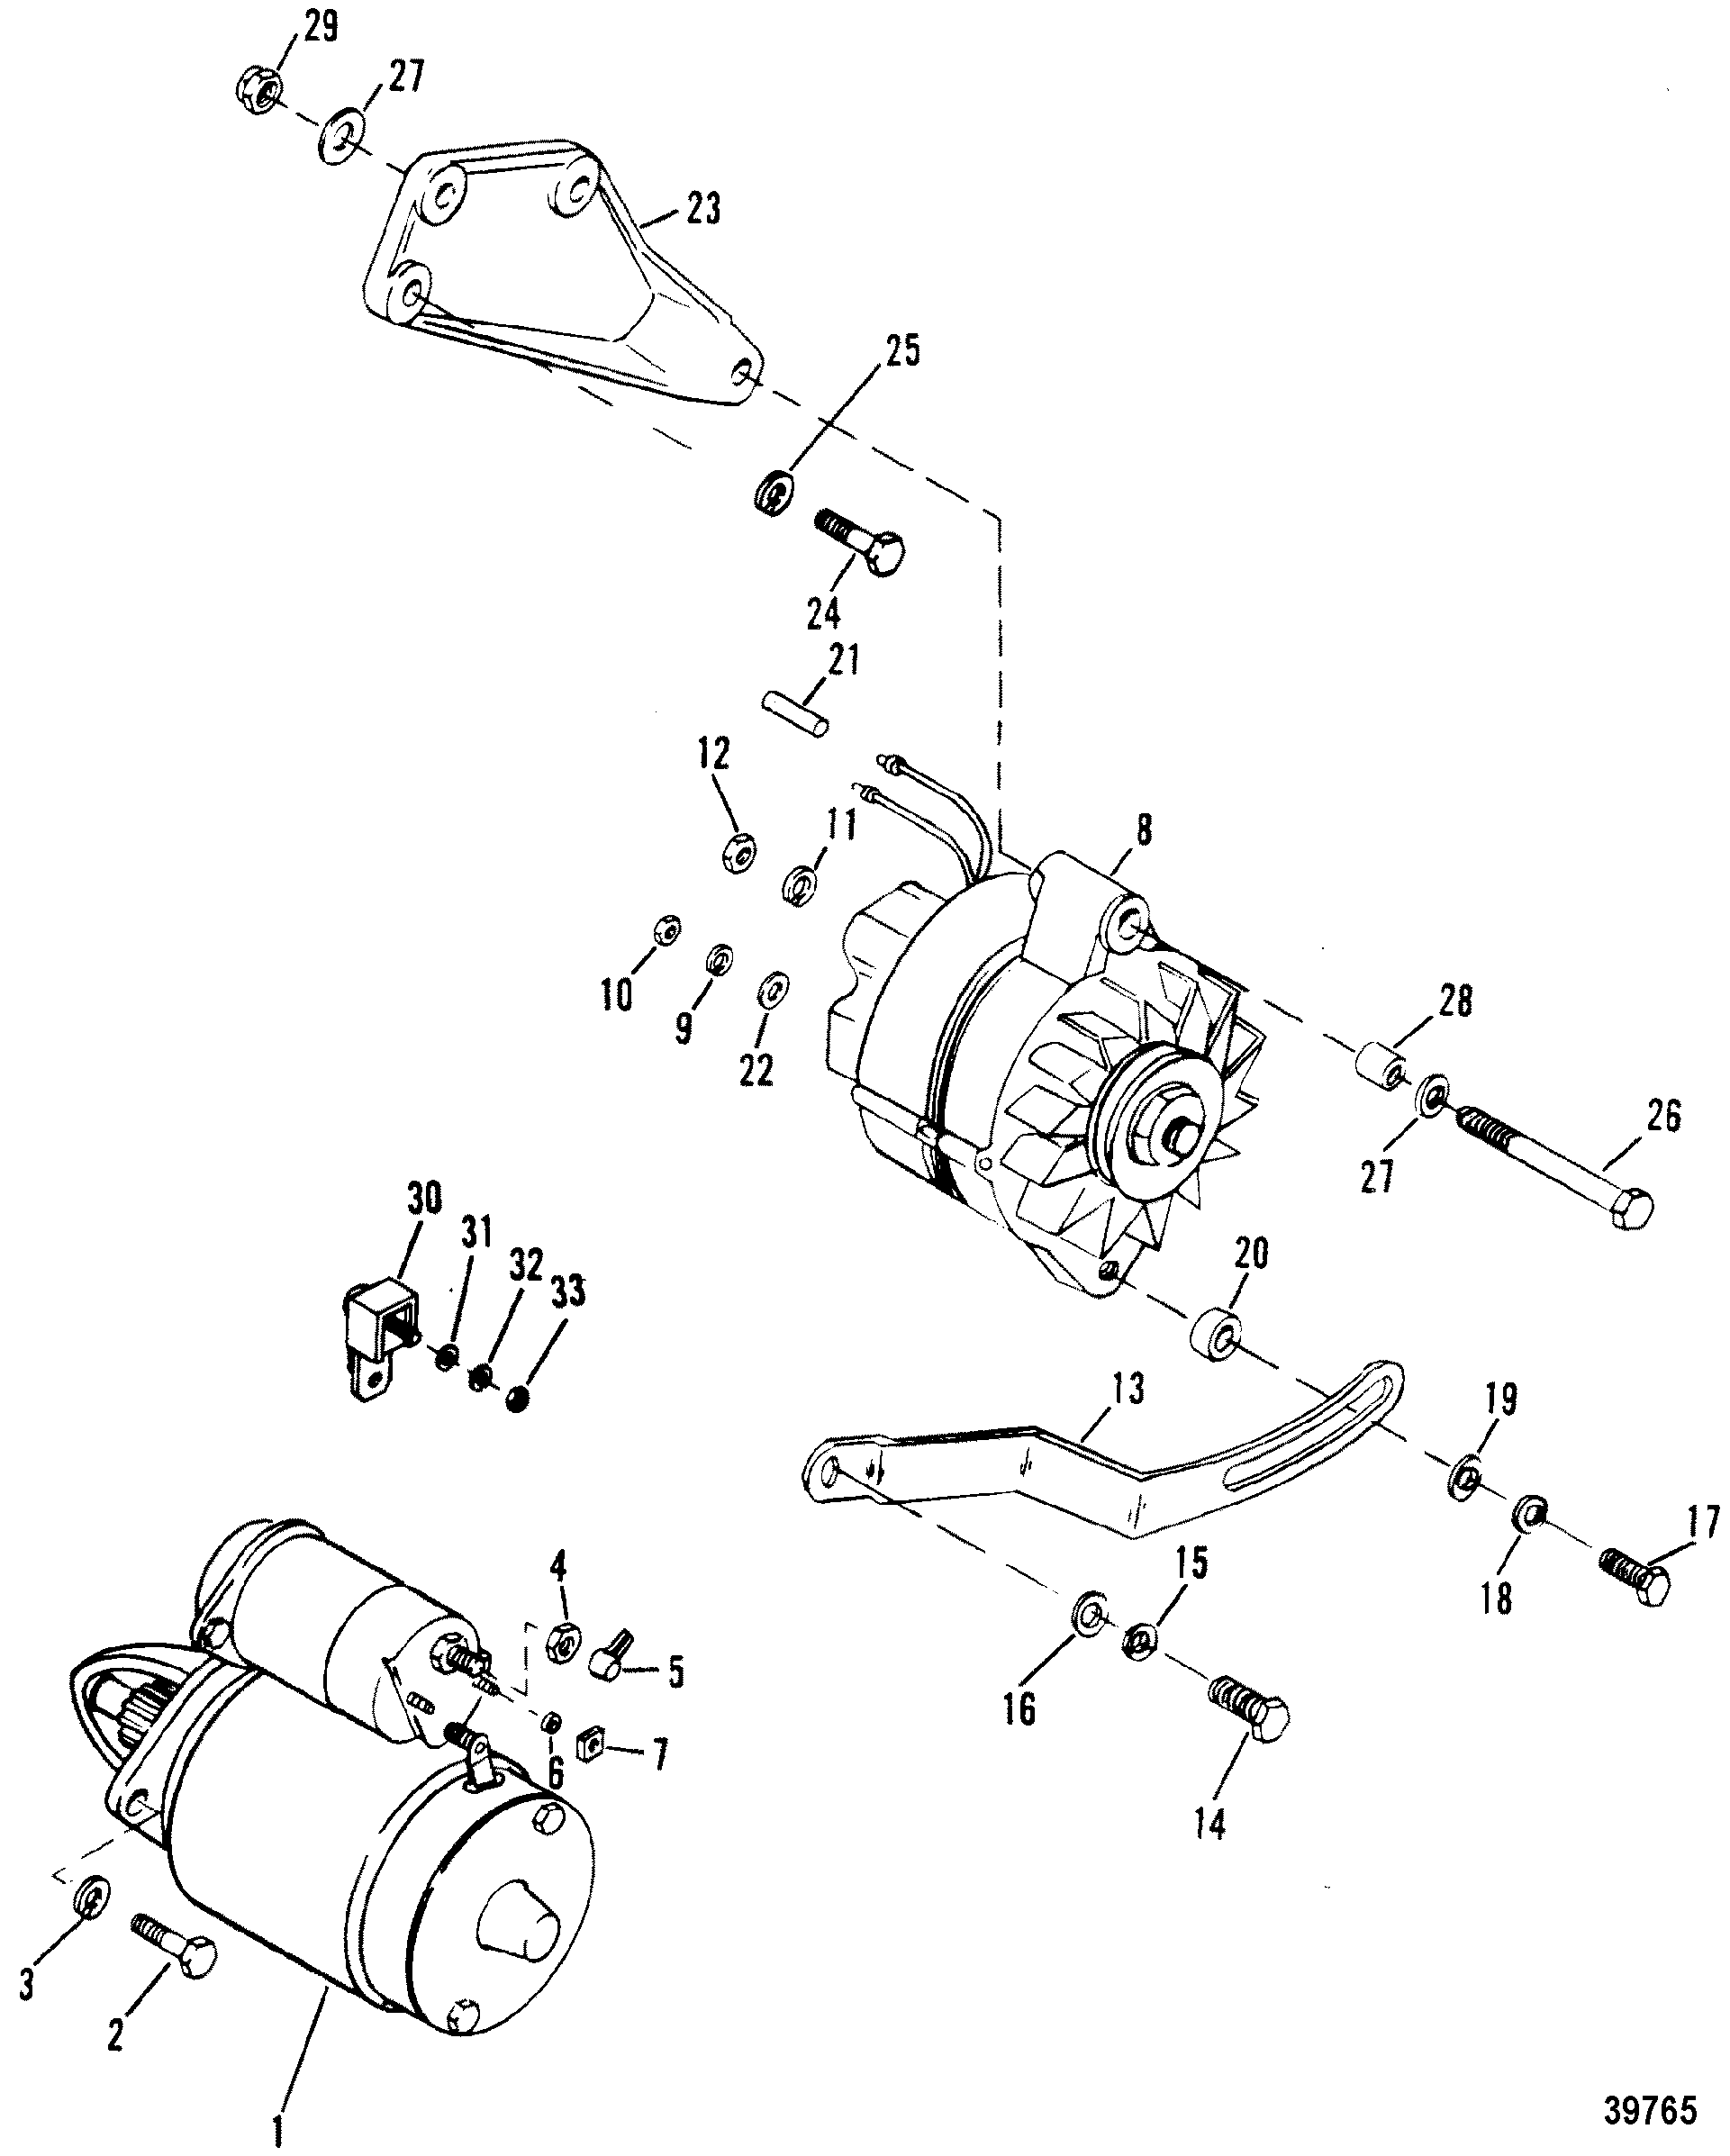 starter and alternator for mercruiser    mie 230 hp  260 h p